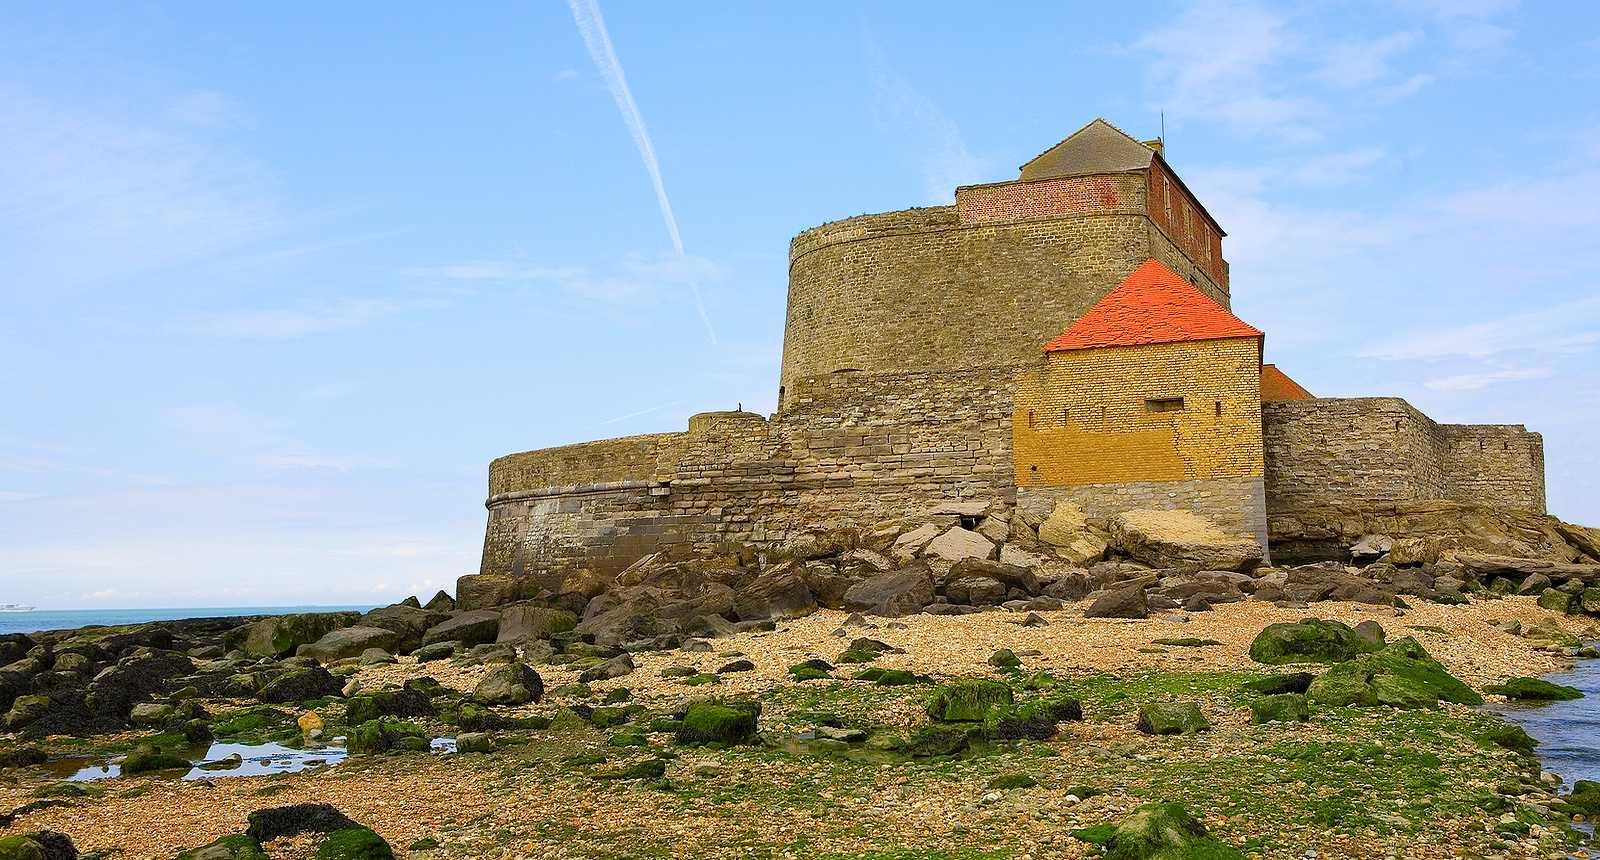 Le Fort Mahon, ou Fort Vauban à Ambleteuse